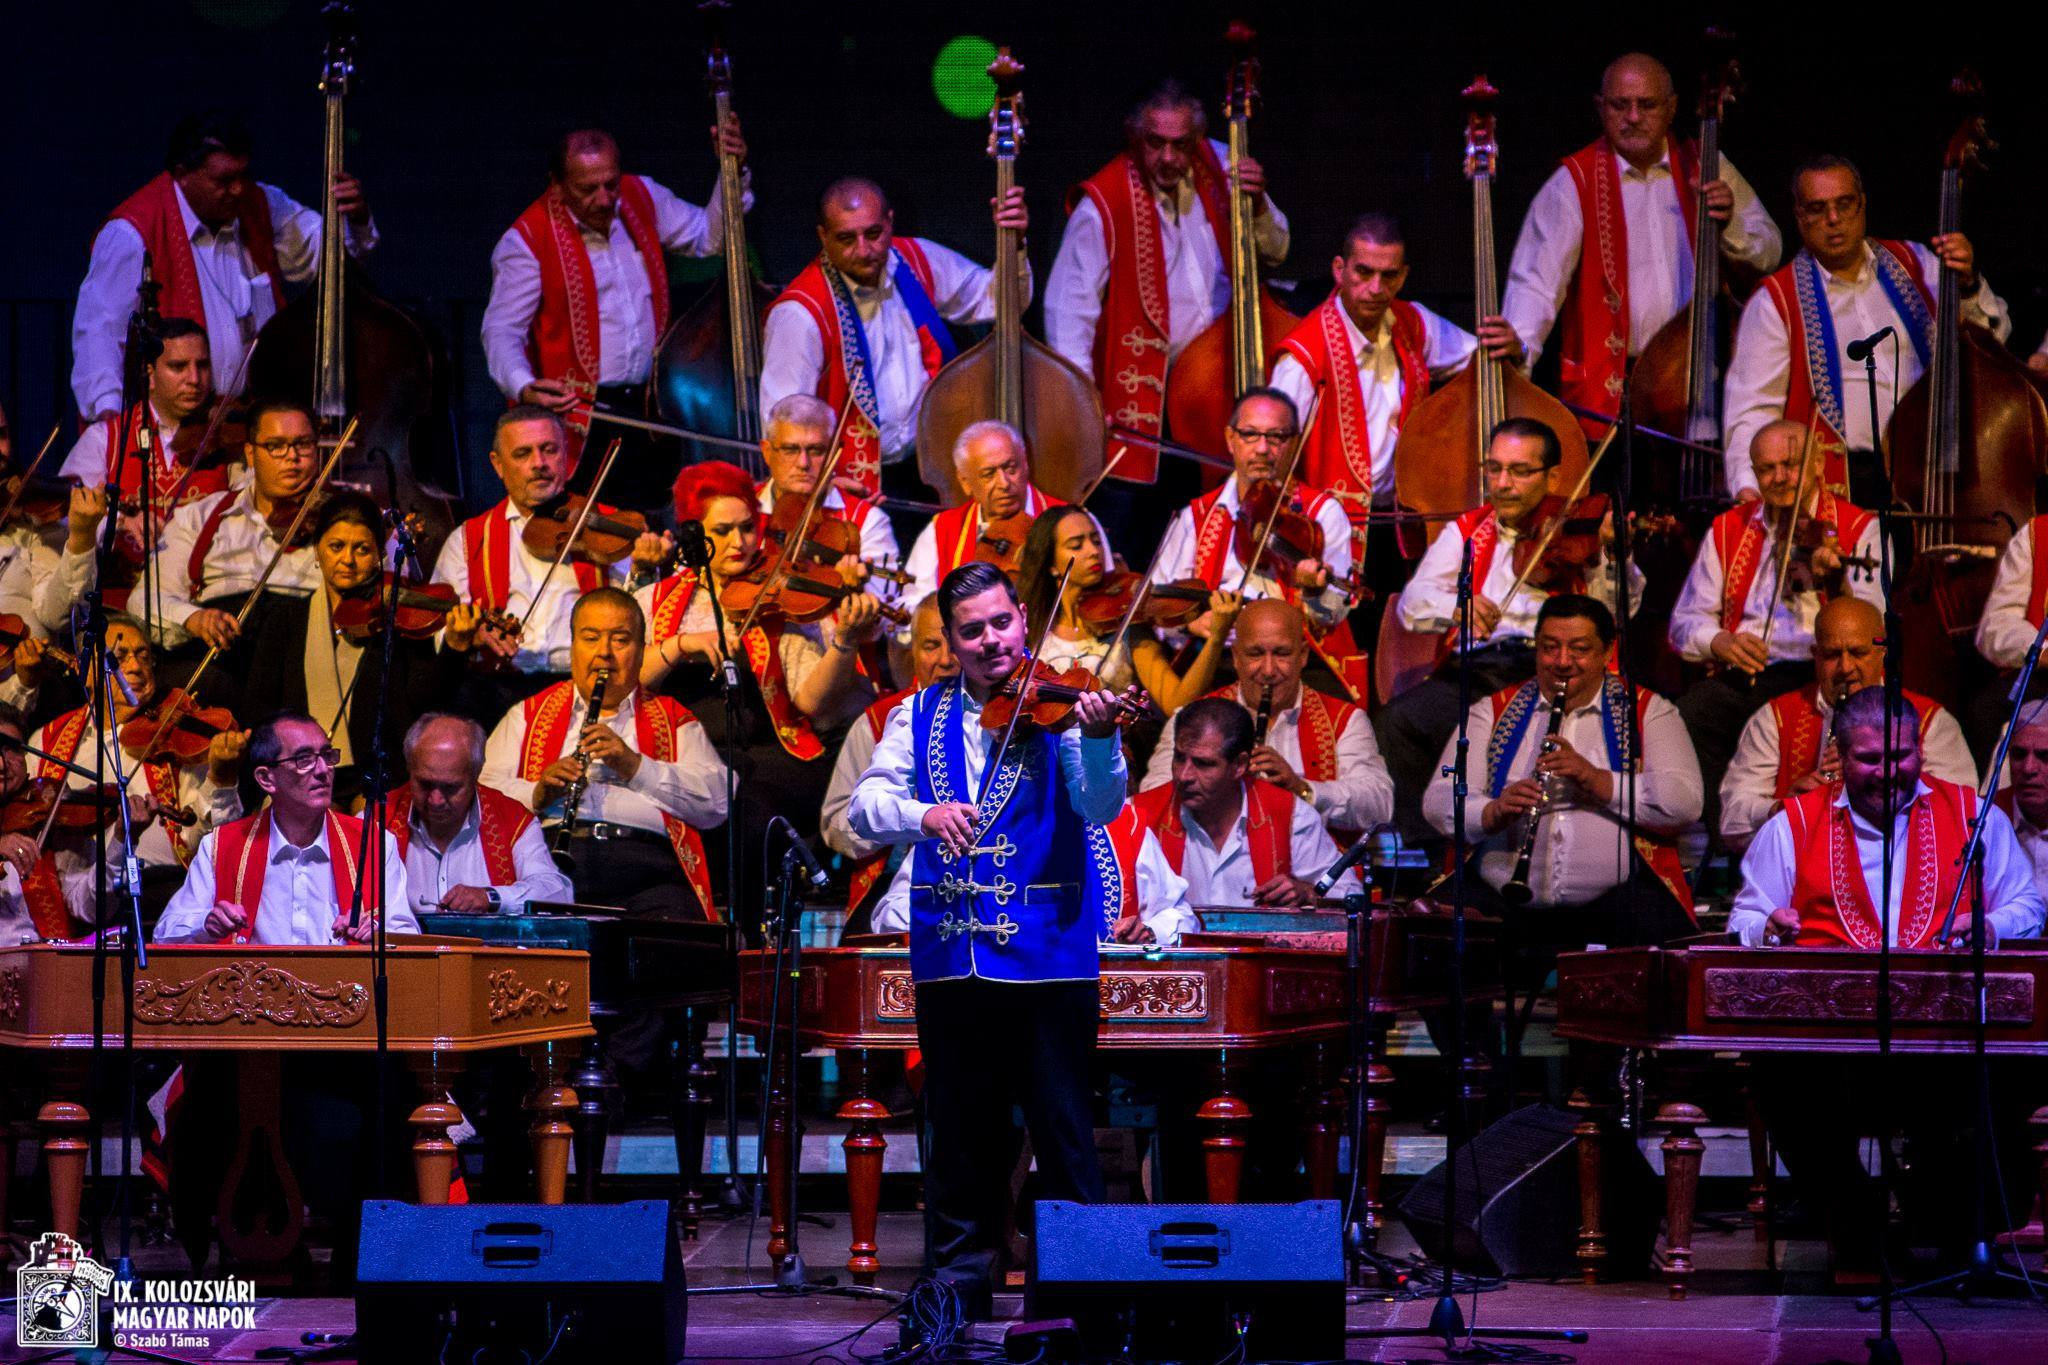 concerte zile maghiare cluj